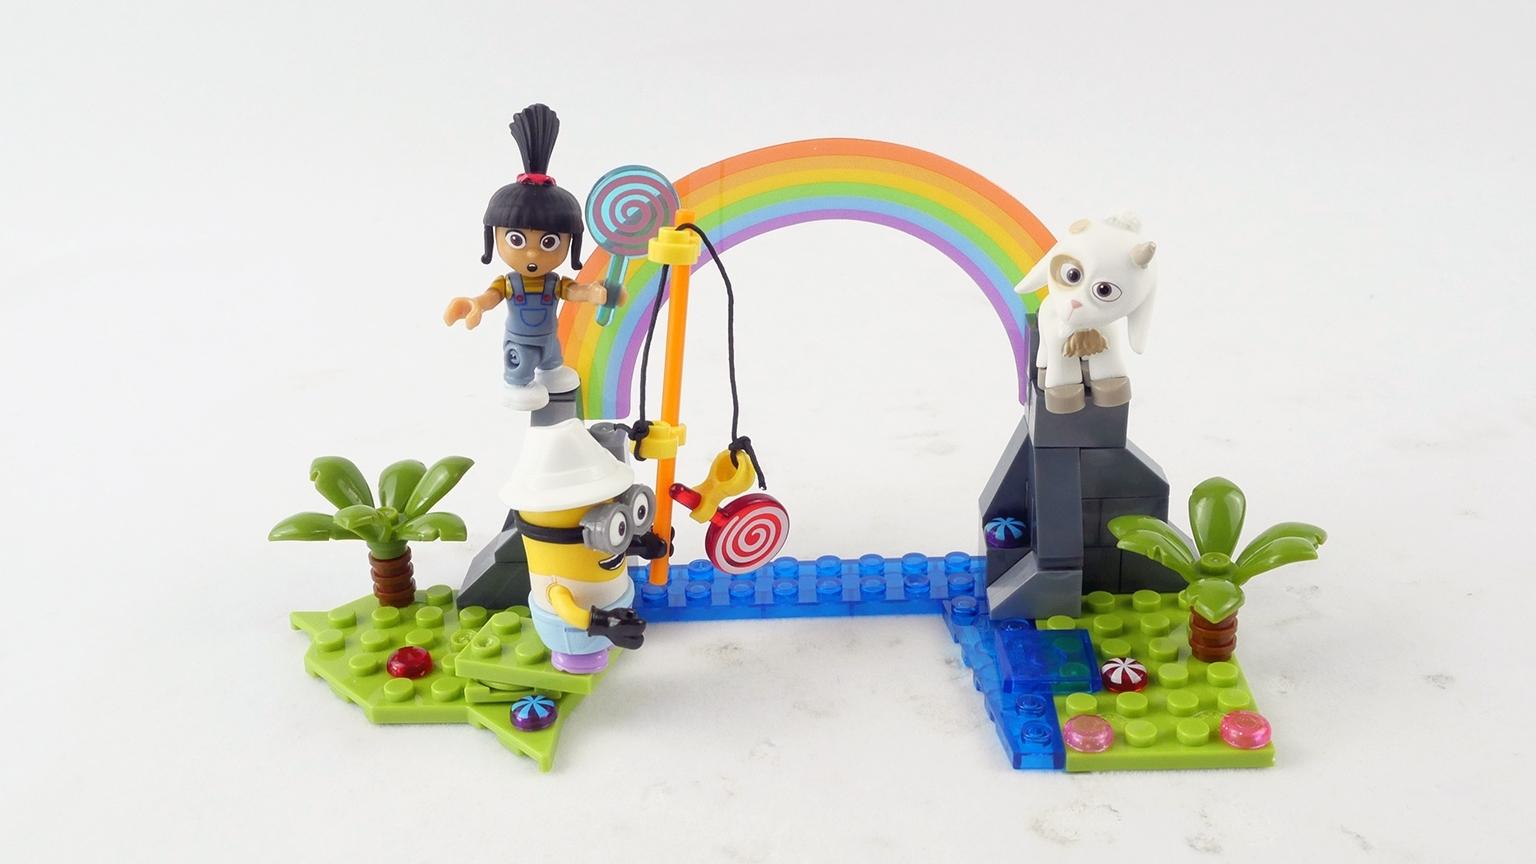 积木搭建:试玩美高积木神偷奶爸系列艾格尼丝的独角兽考察